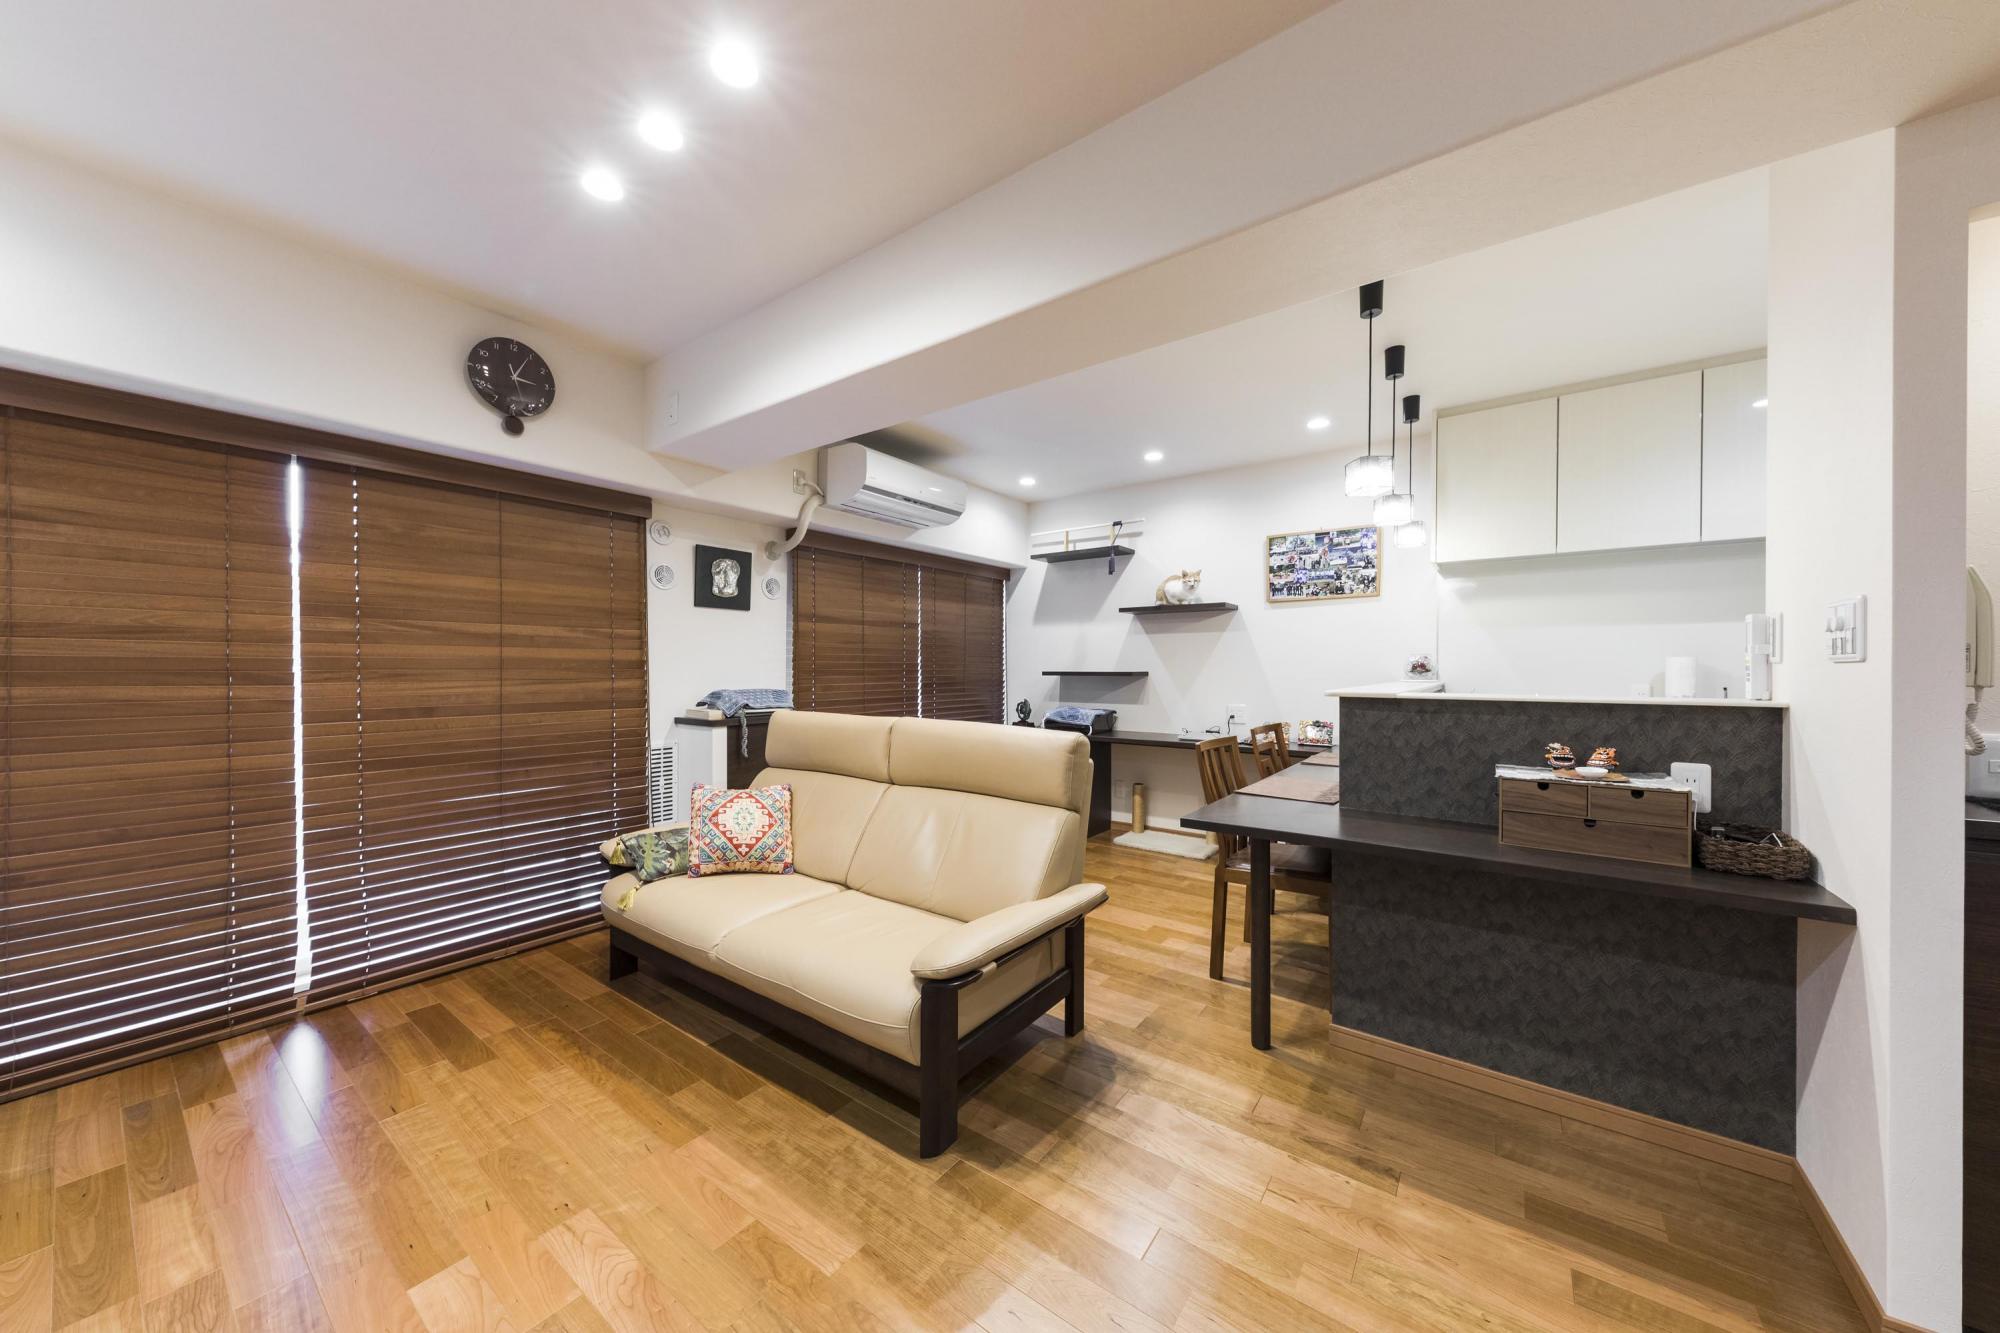 独立していたキッチンの壁を取り去り、以前の和室のスペースをリビングに取り込む間取り変更で、明るさと広さを両立させたLDKを実現。絨毯の床に長年不満を抱いていた夫人のリクエストで、床を木の温もり溢れるフローリングに変更。「念願がやっと叶い、手持ちの家具とマッチする床になったと思います」と夫人